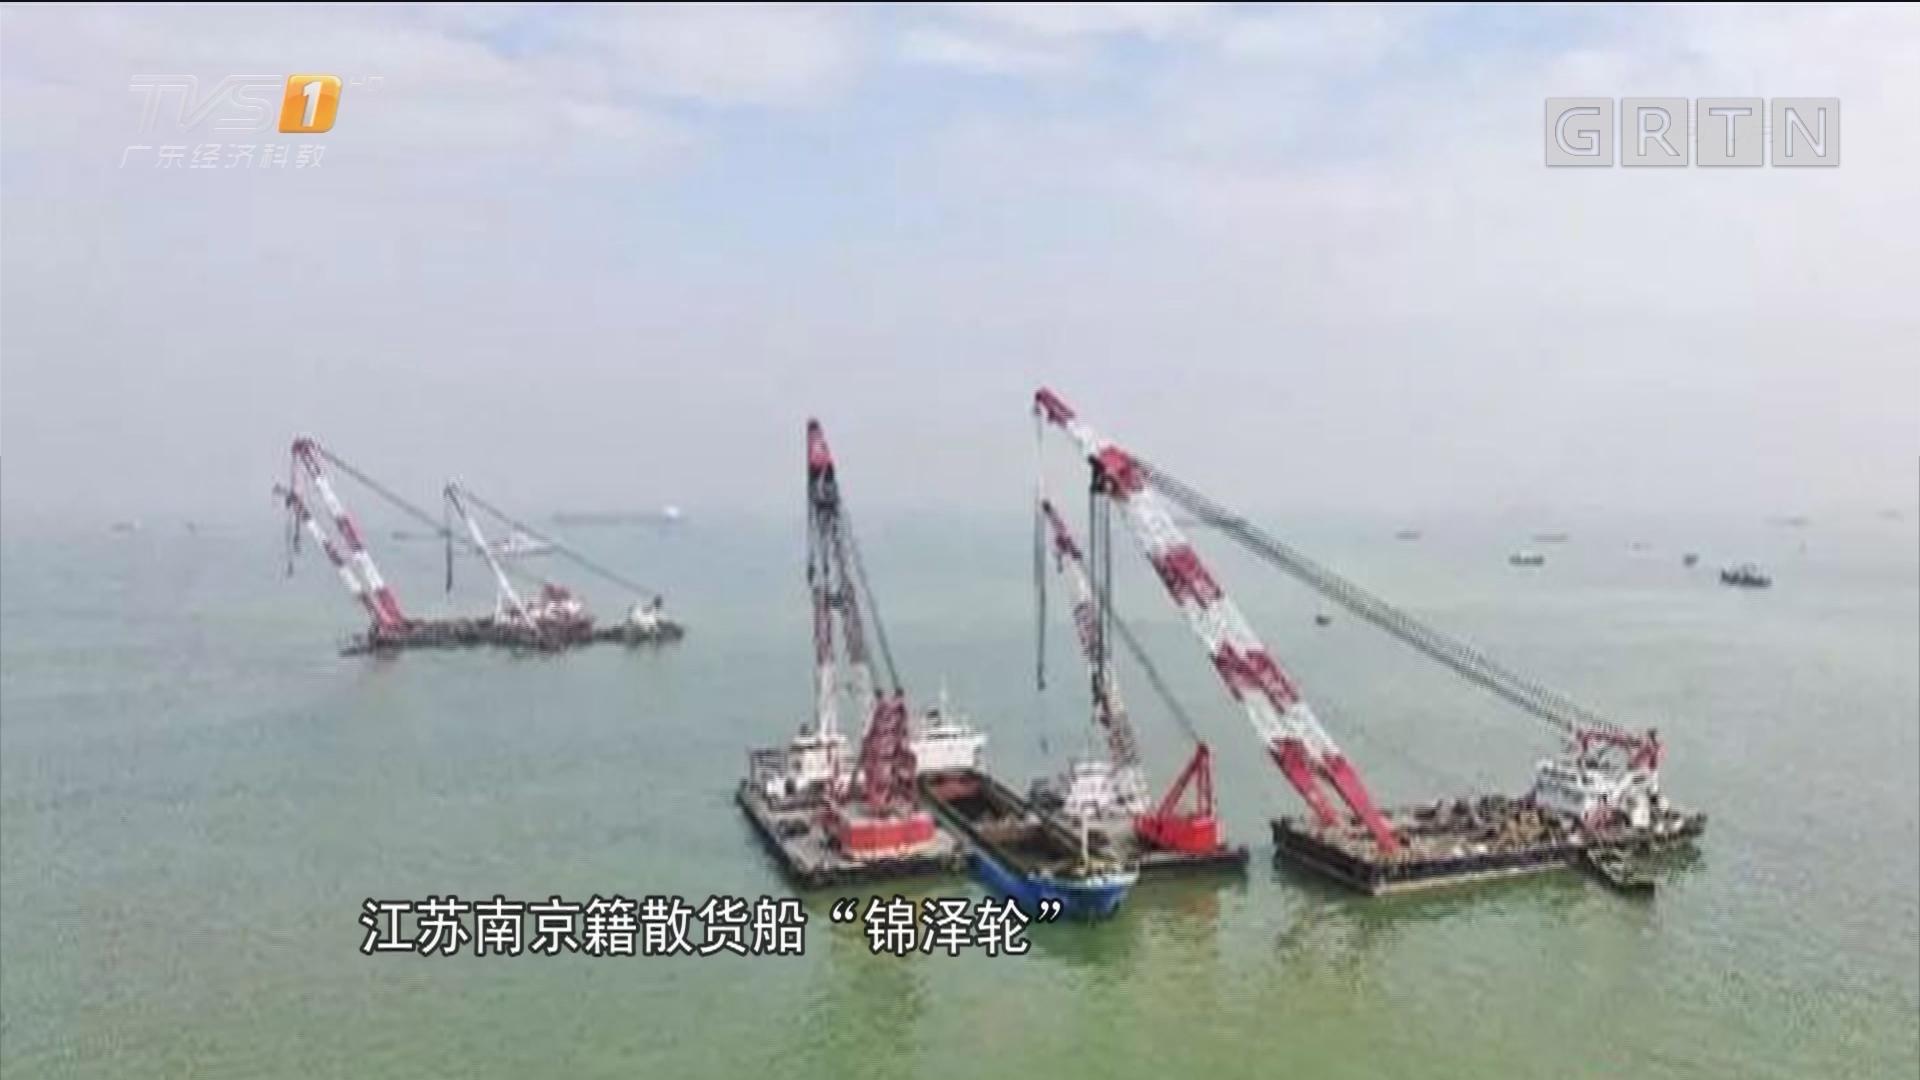 两货船相撞 其中一艘货轮沉没